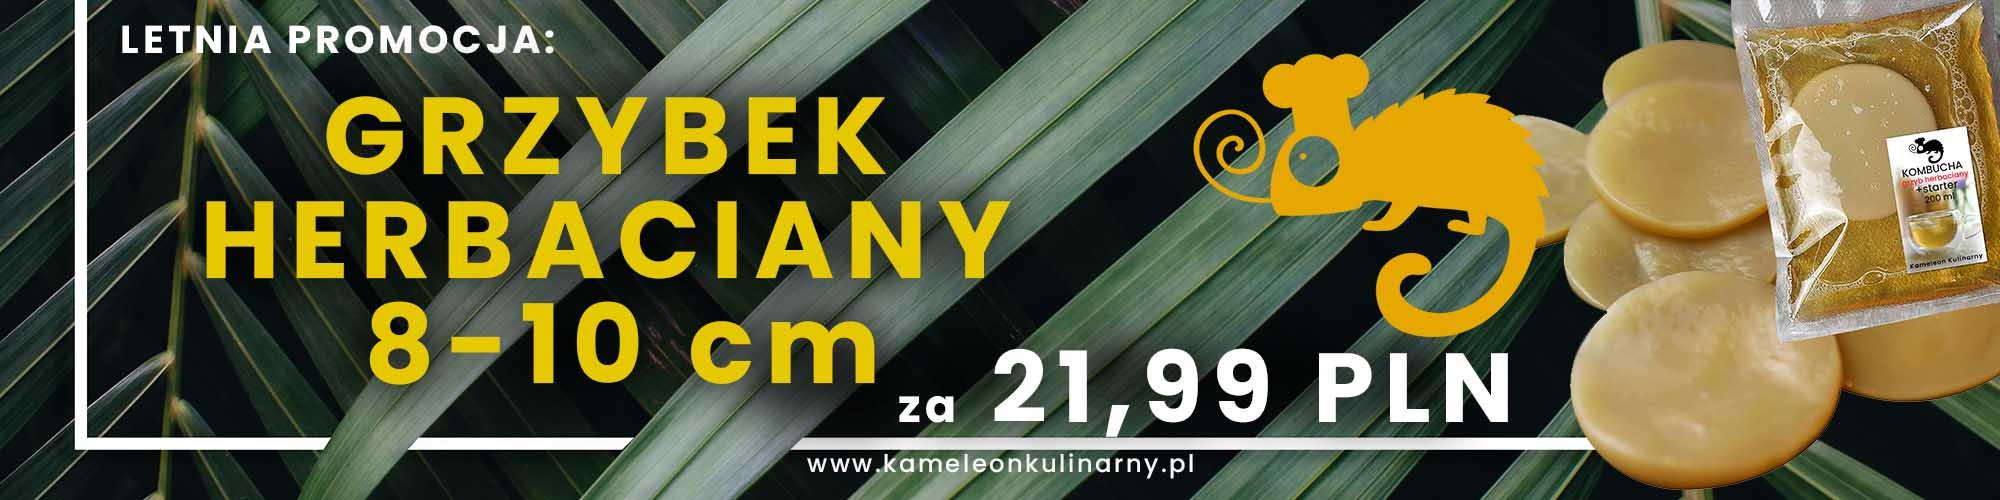 KK_letnia_promocja kopia